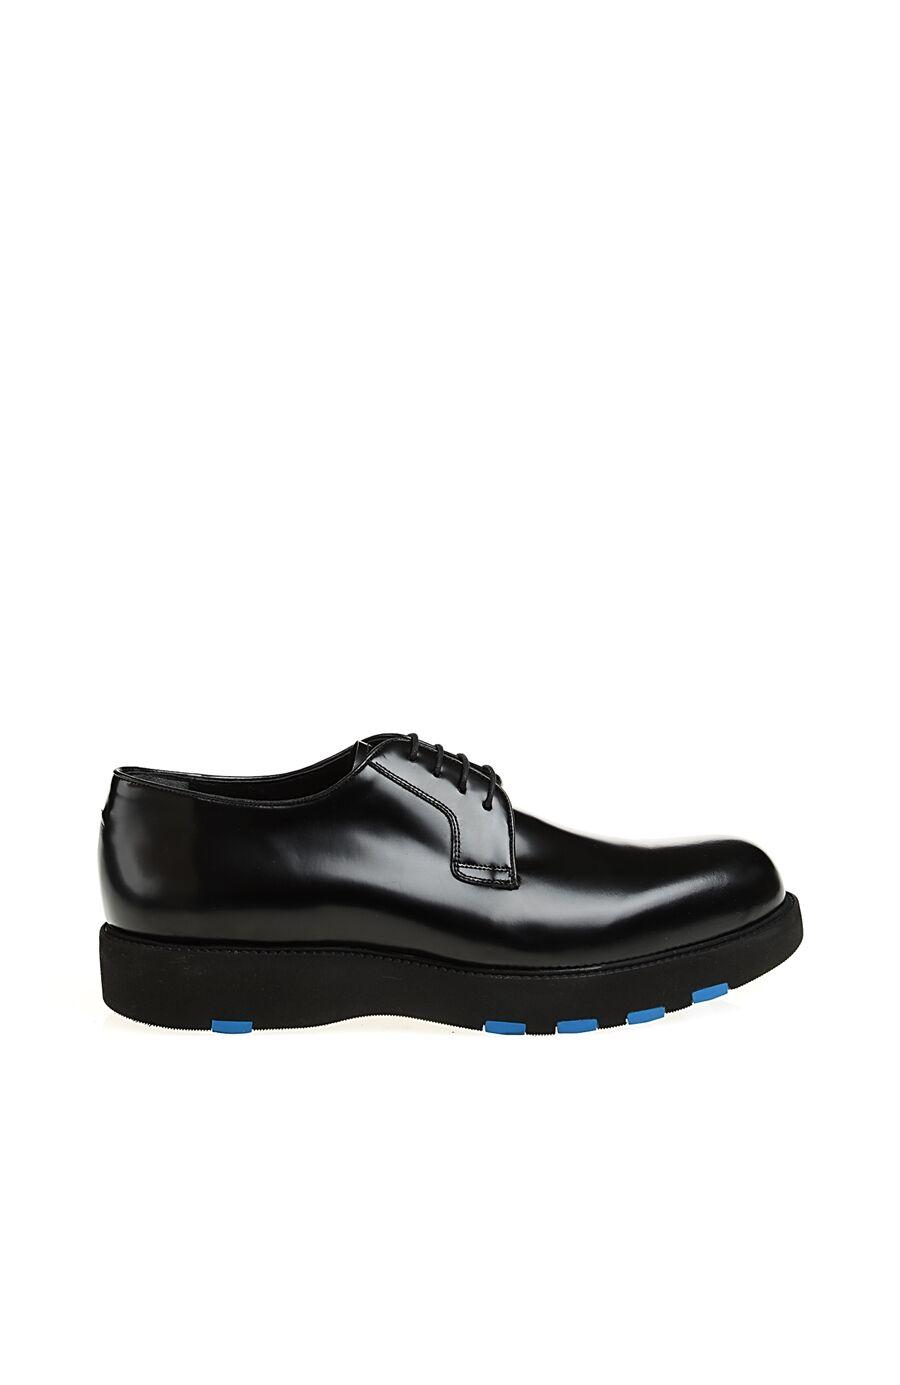 Taban Detaylı Siyah Ayakkabı